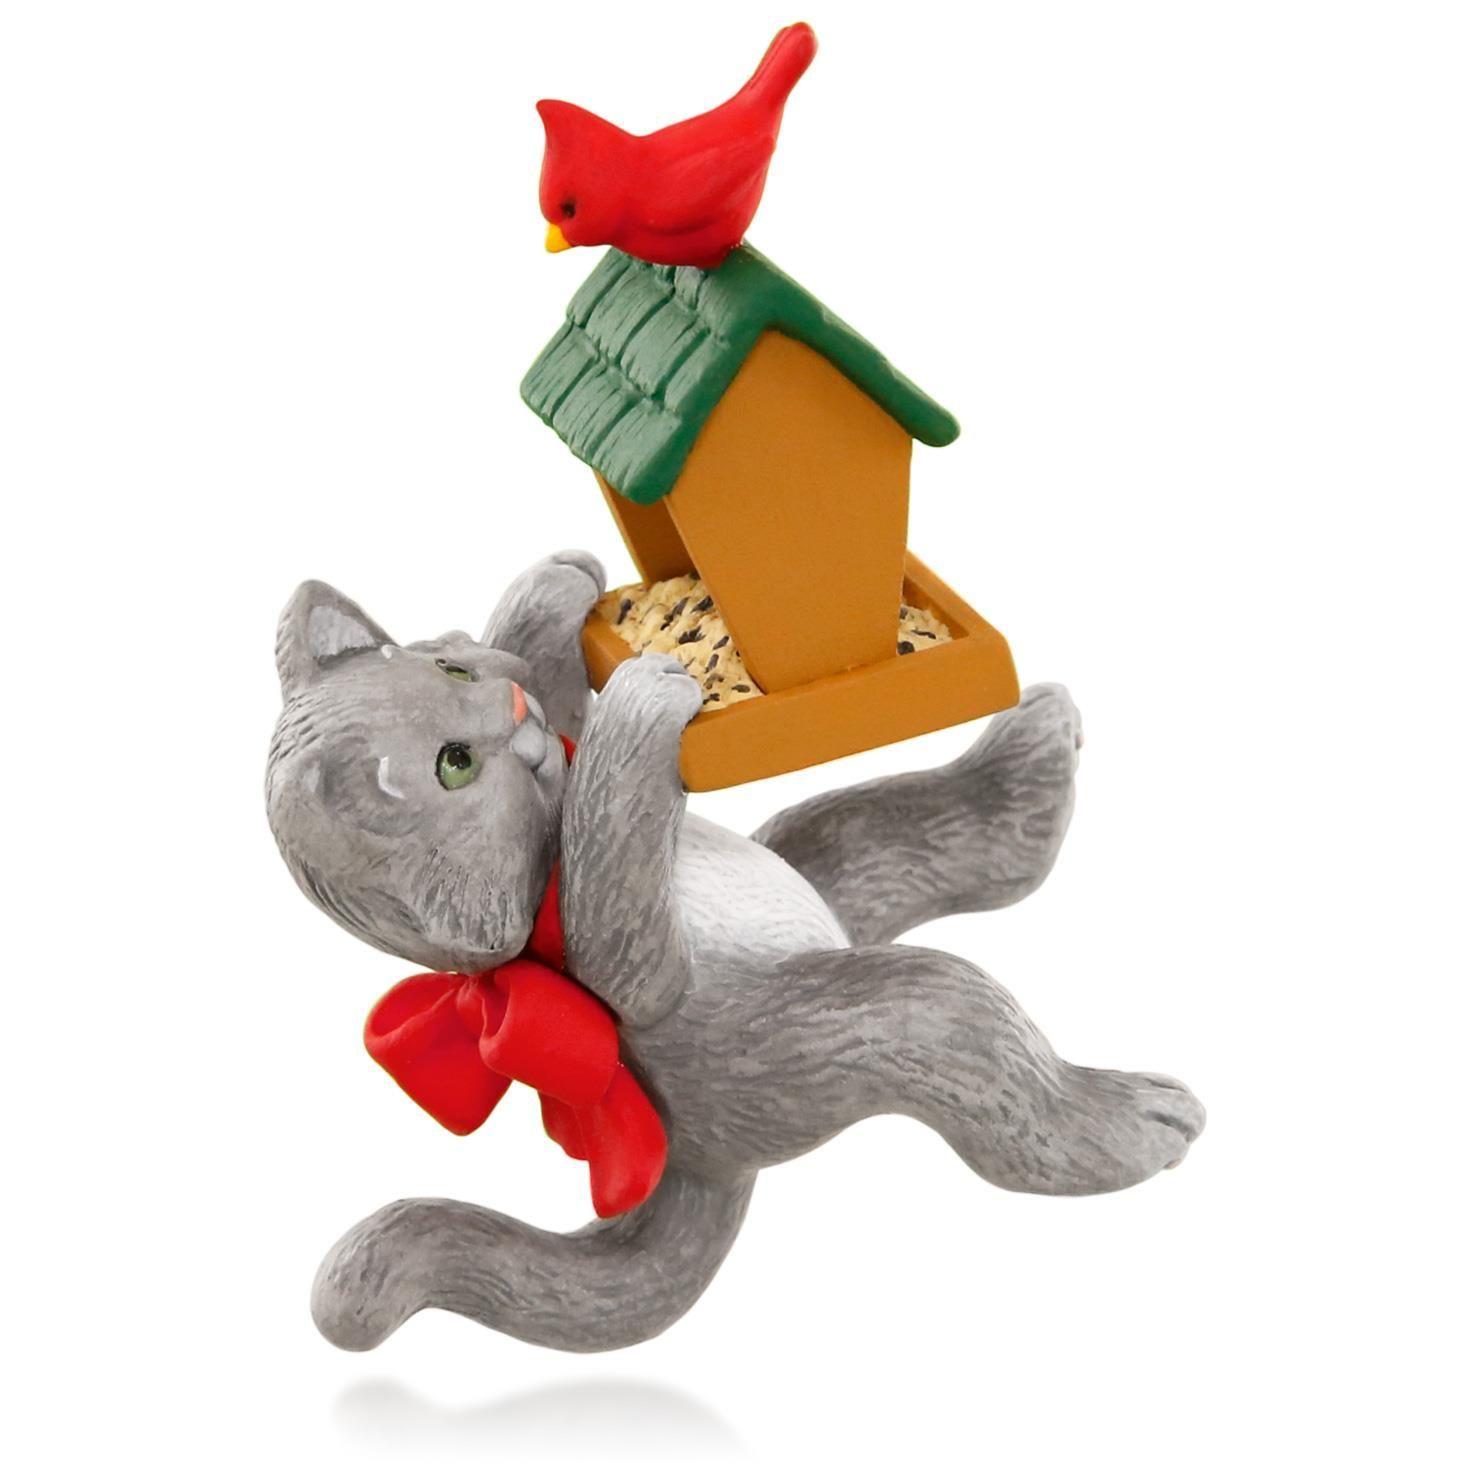 2015 Mischievous Kittens Hallmark Keepsake Ornament Hooked On Hallmark Ornaments Cat Christmas Ornaments Hallmark Keepsake Ornaments Hallmark Ornaments